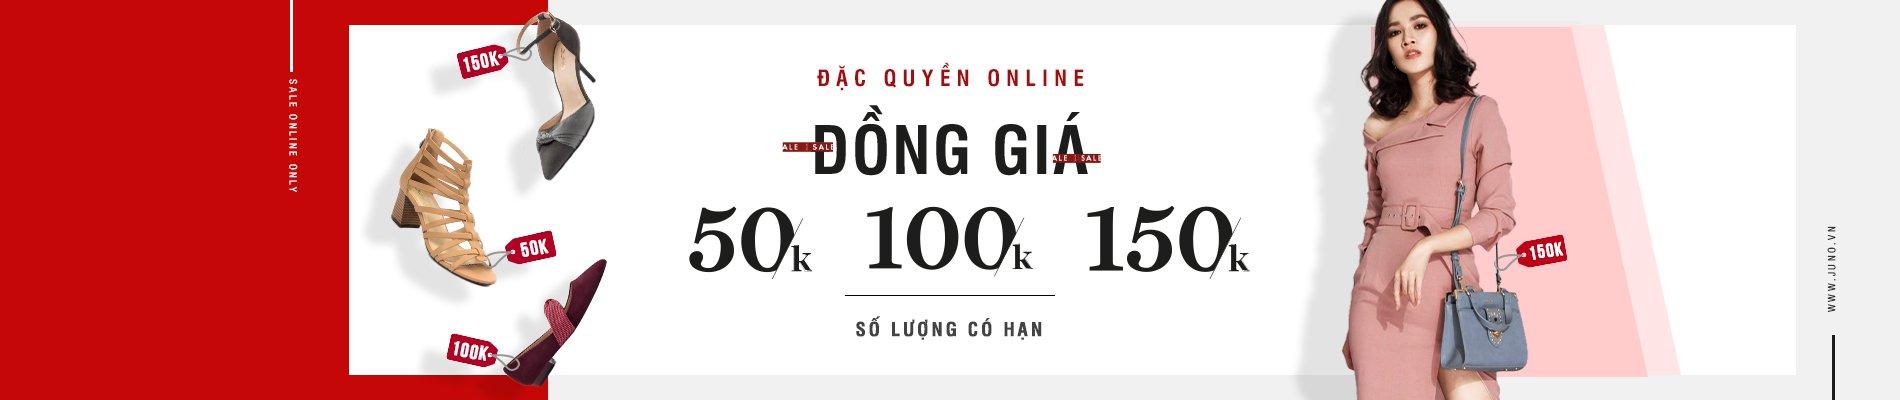 Đặc quyền Online - Đồng giá 50K, 100K, 150K